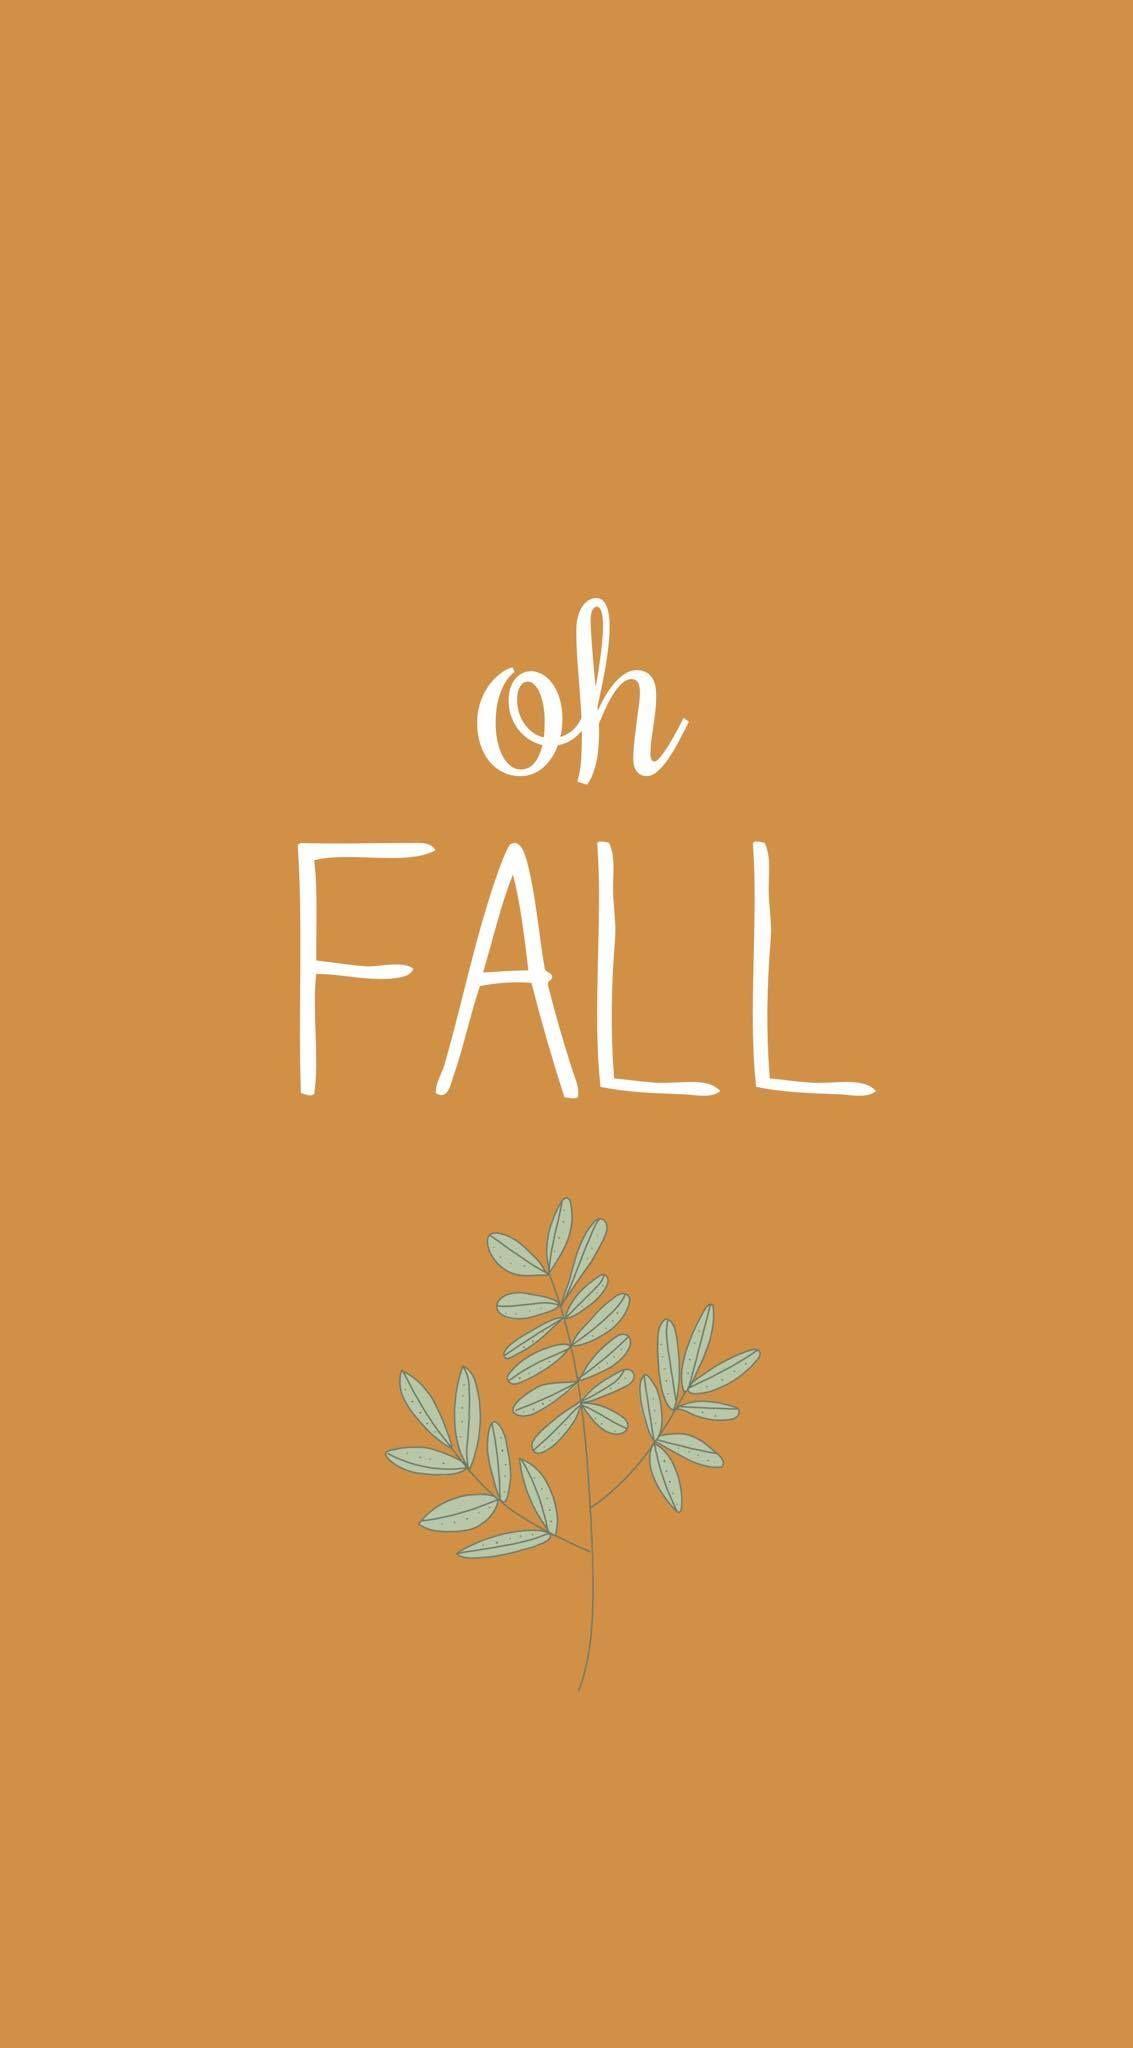 Wallpaper, Phone, Hintergrund, Hintergründe, Handy Hintergrund, Handy Wallpaper, iPhone Wallpaper, Android, fall, oh fall, herbst, leaves, blätter